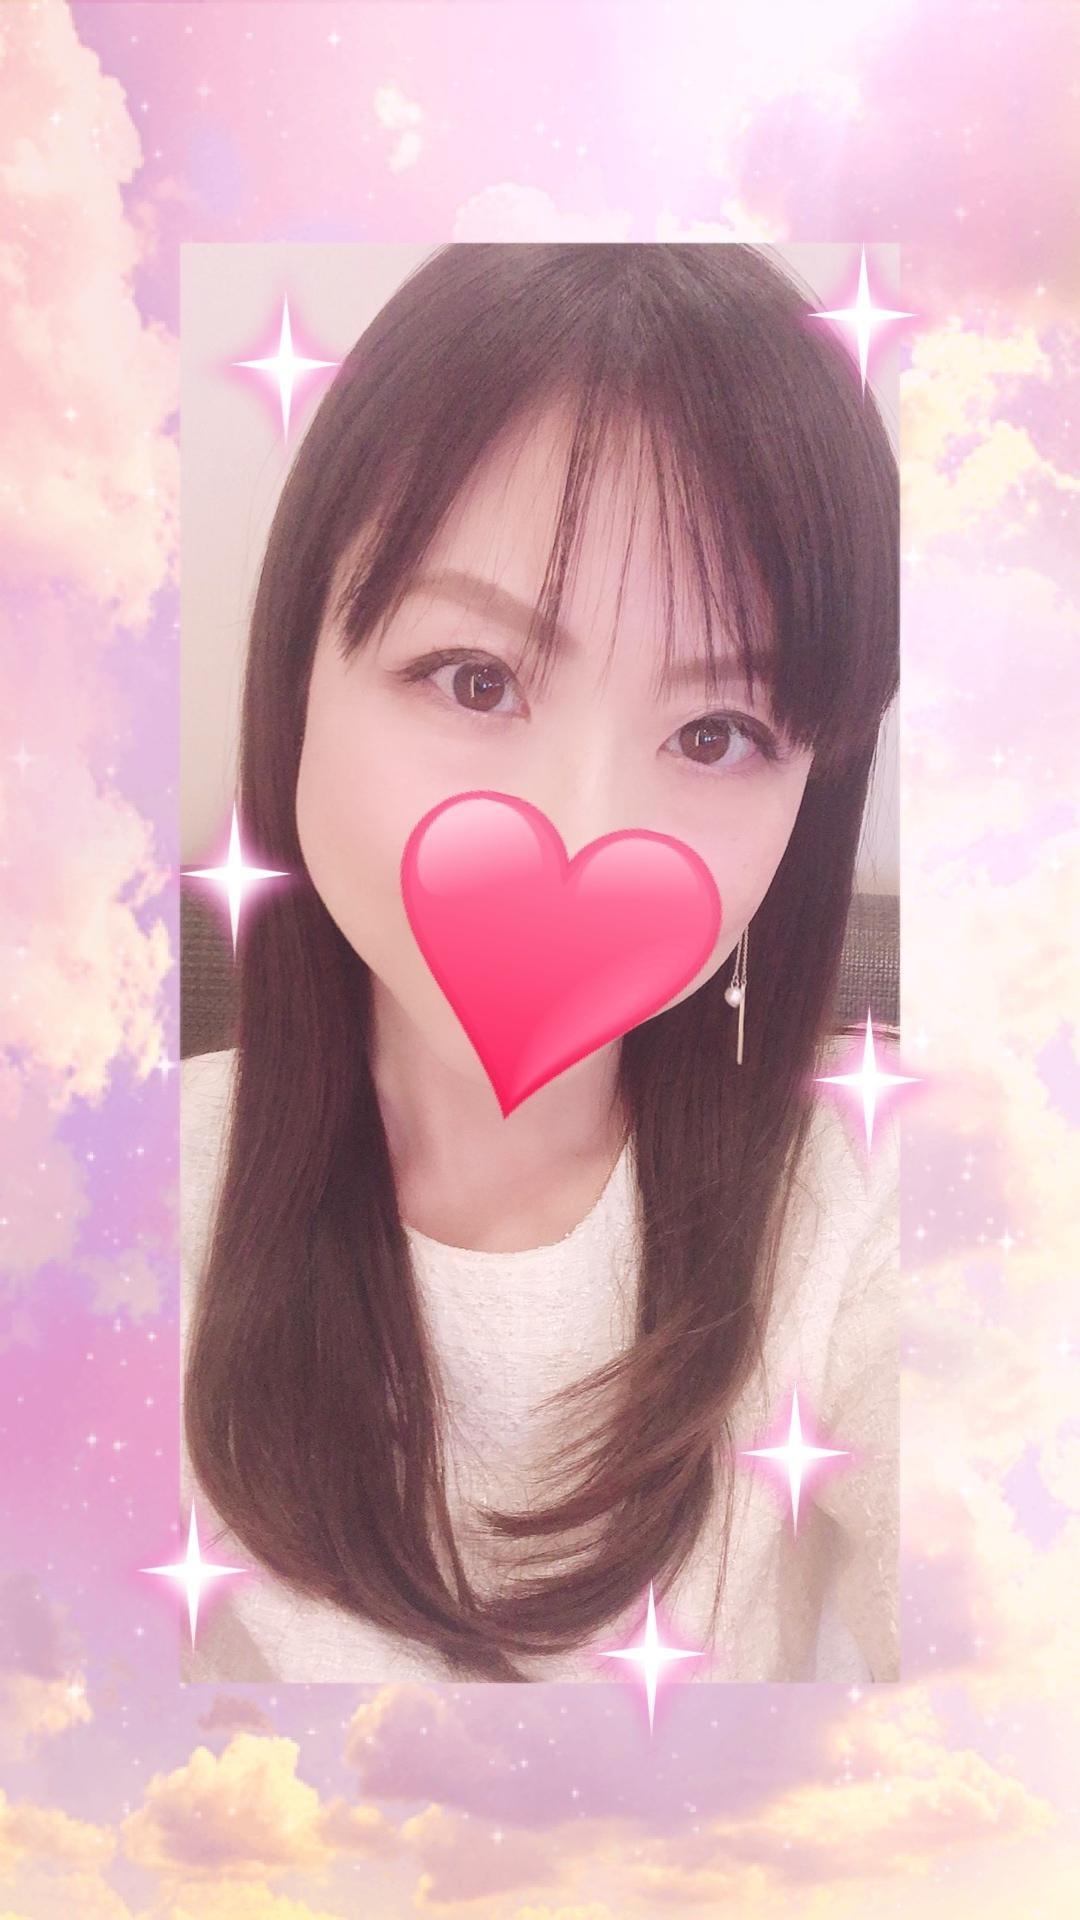 「帰ります」03/27(03/27) 18:30 | すみれの写メ・風俗動画